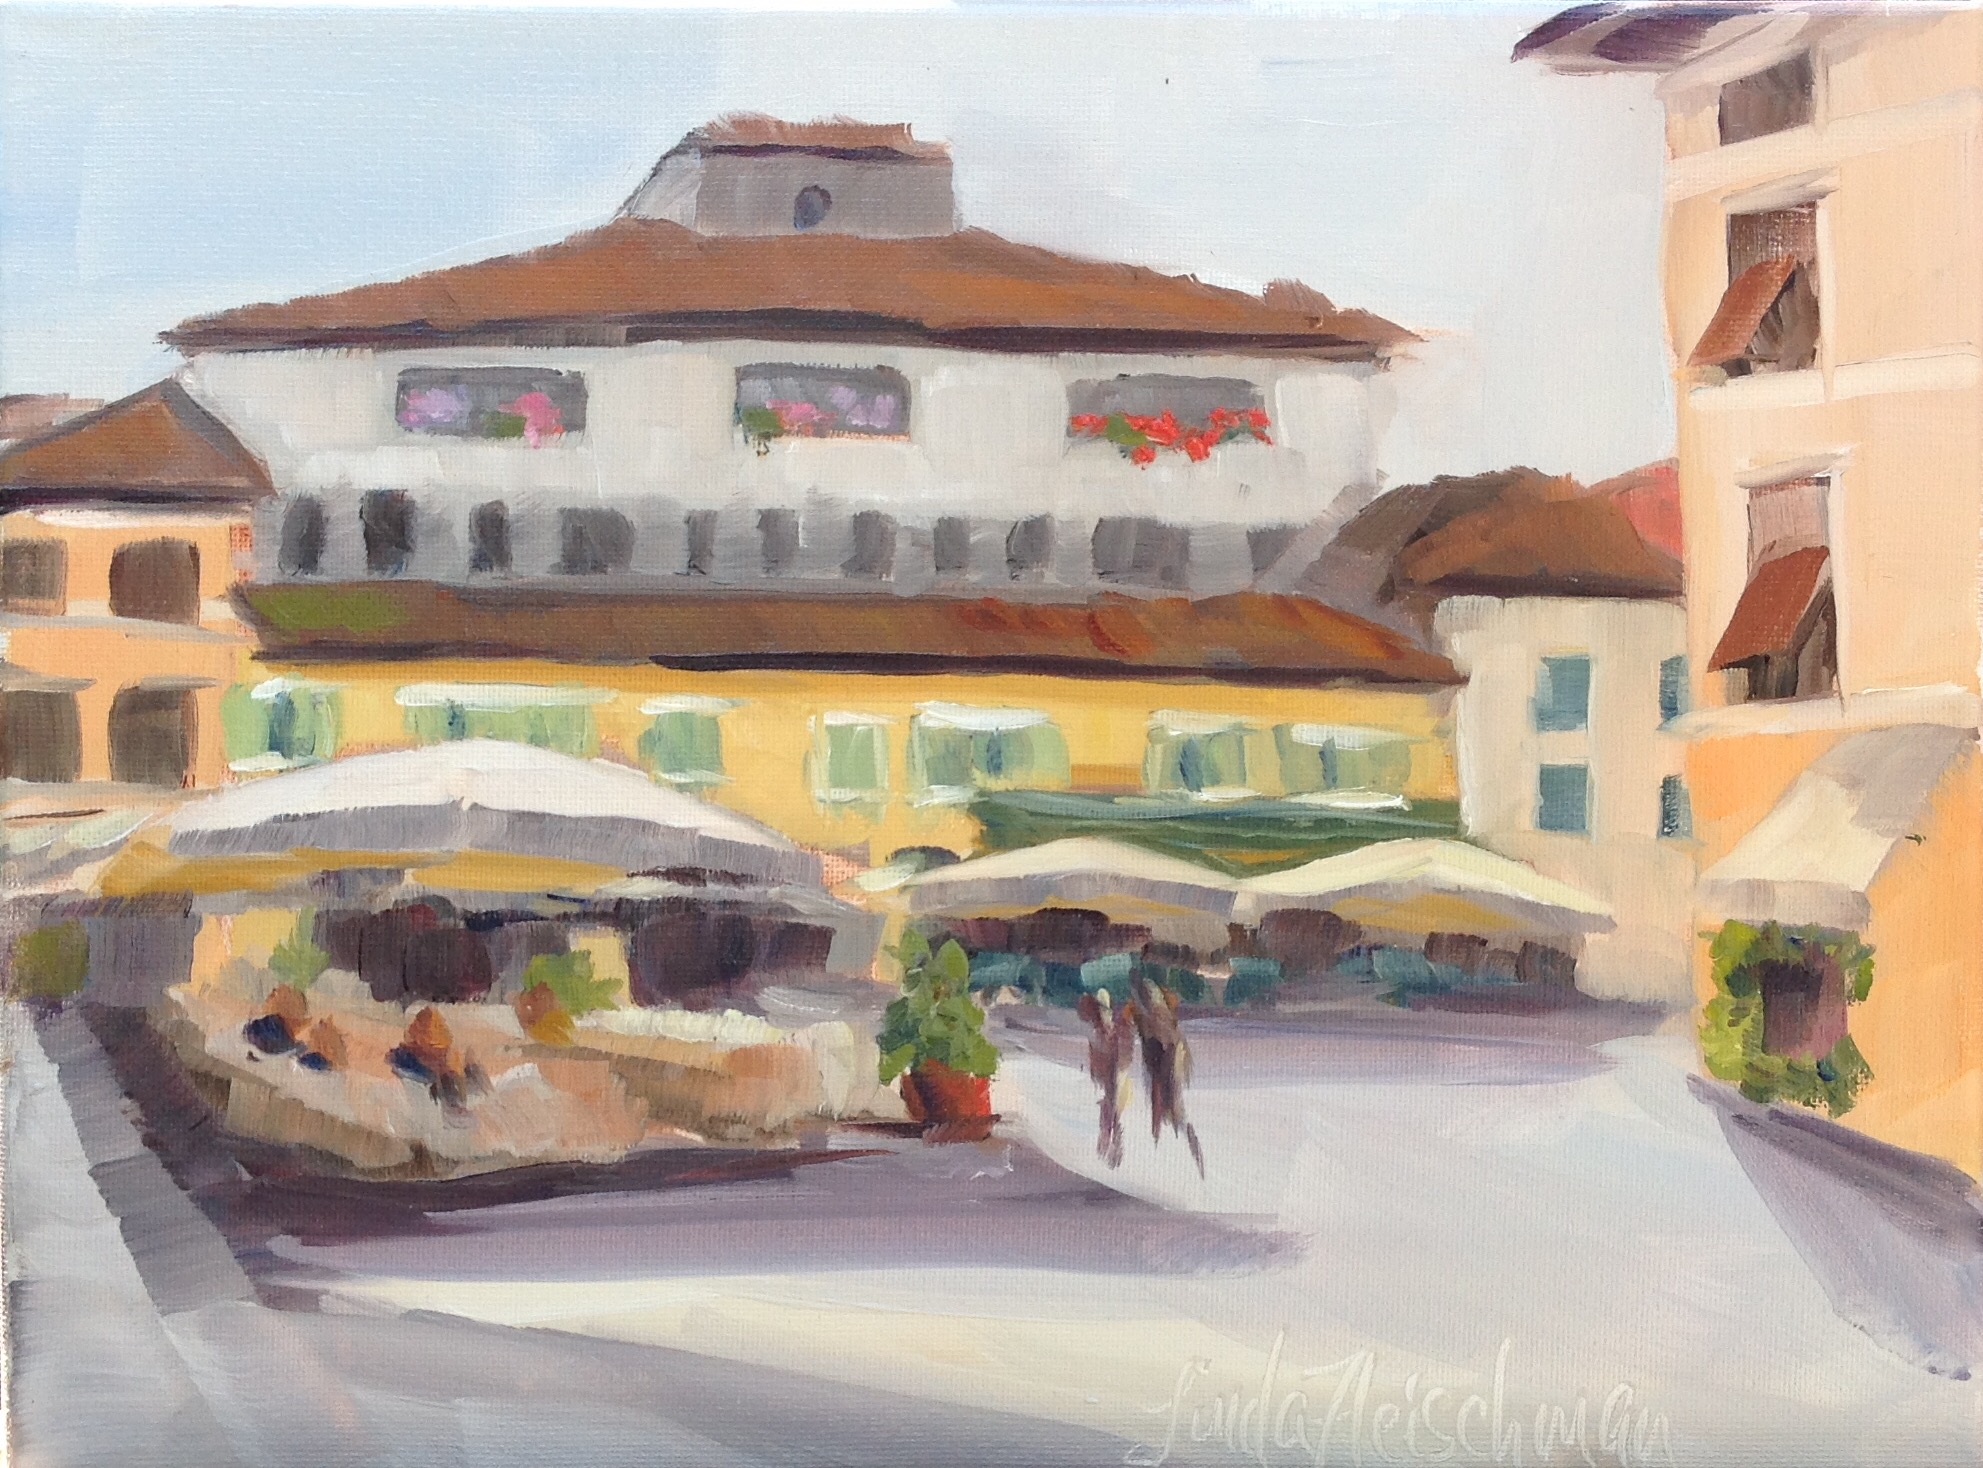 32 Piazza Duomo 2, Pietrasanta, IT